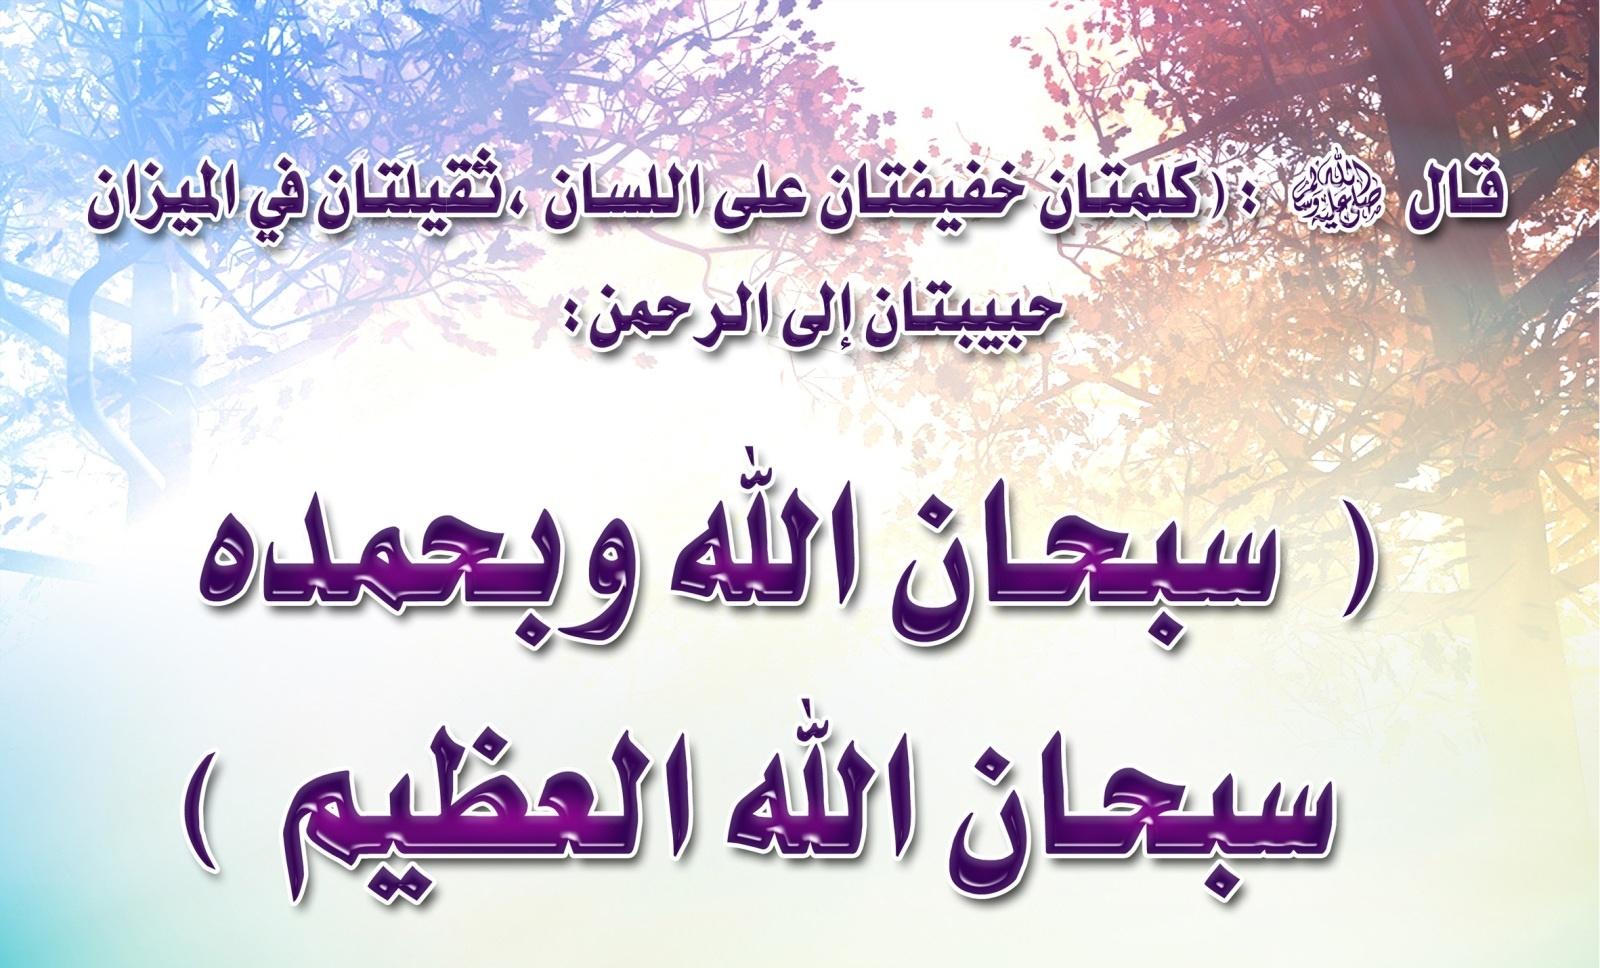 بالصور ادعية دينية مصورة , اجمل الادعيه المصوره 5284 6